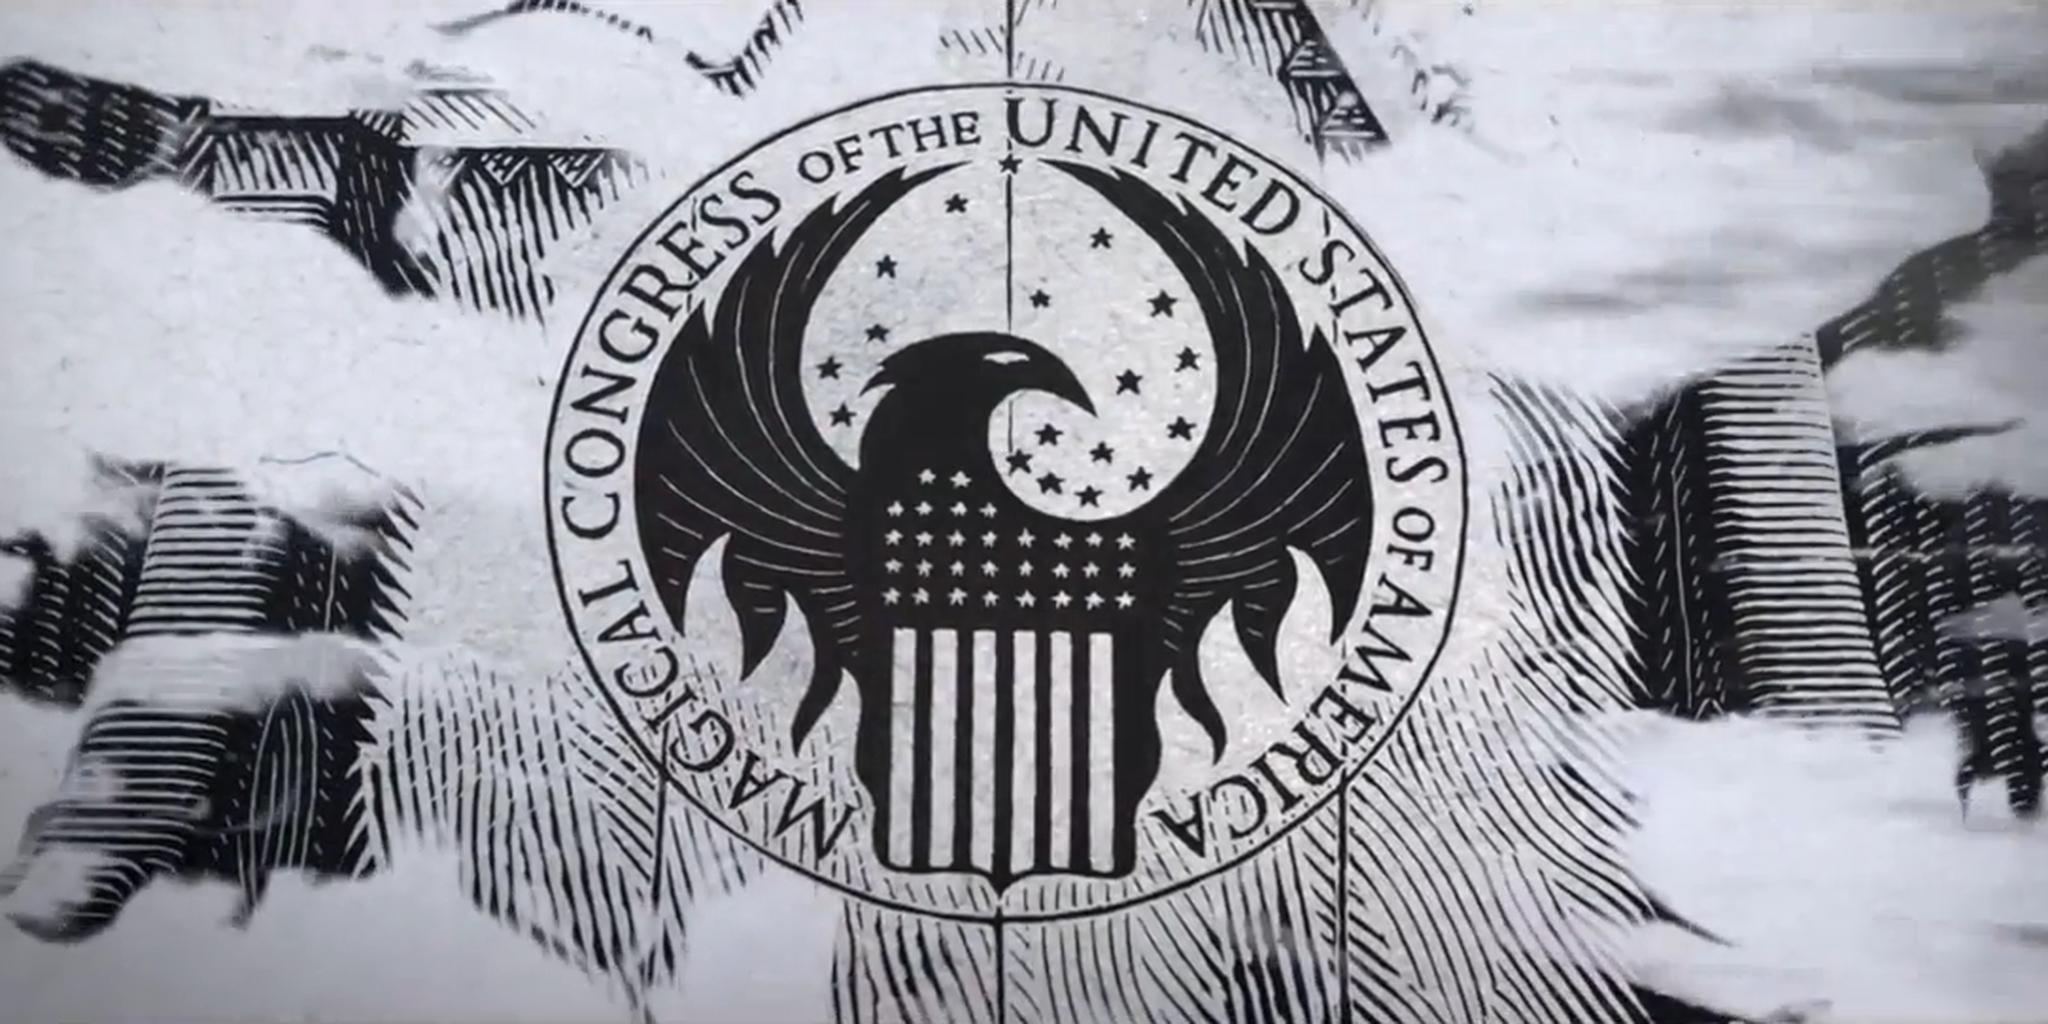 Conoce al MACUSA, el Congreso Mágico de los Estados Unidos